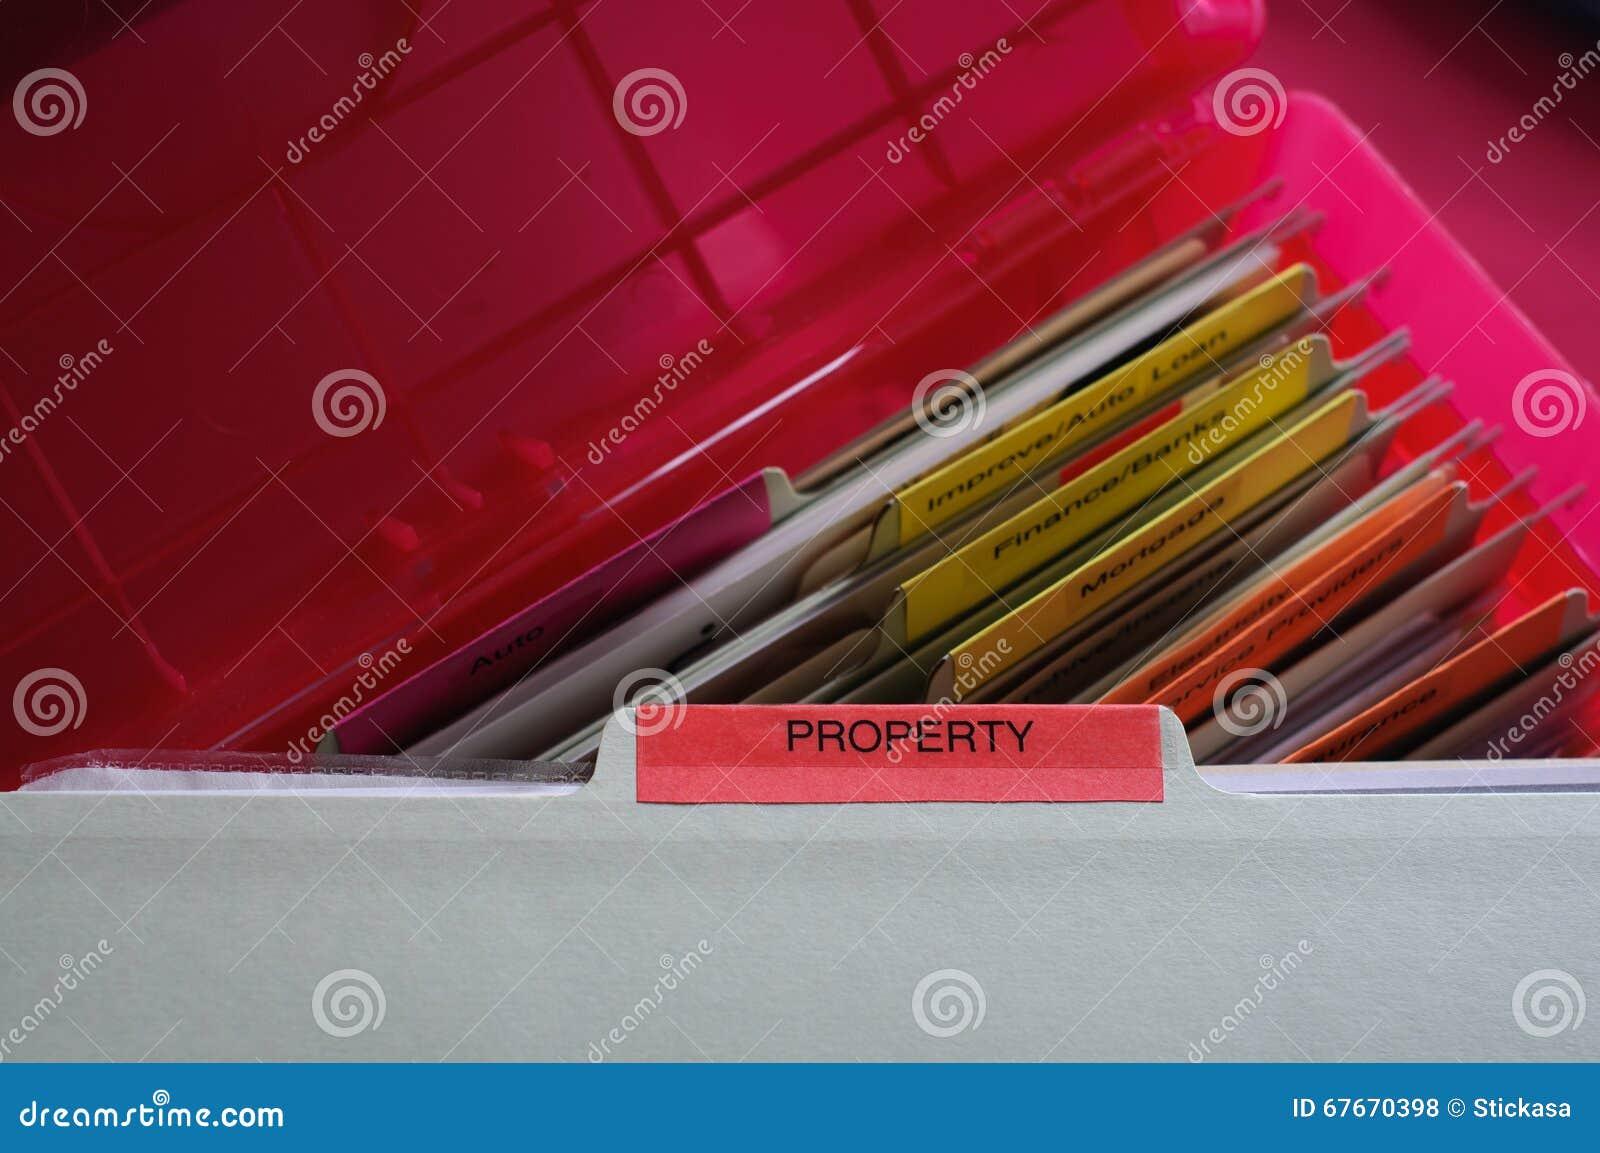 Documentos de la propiedad personal